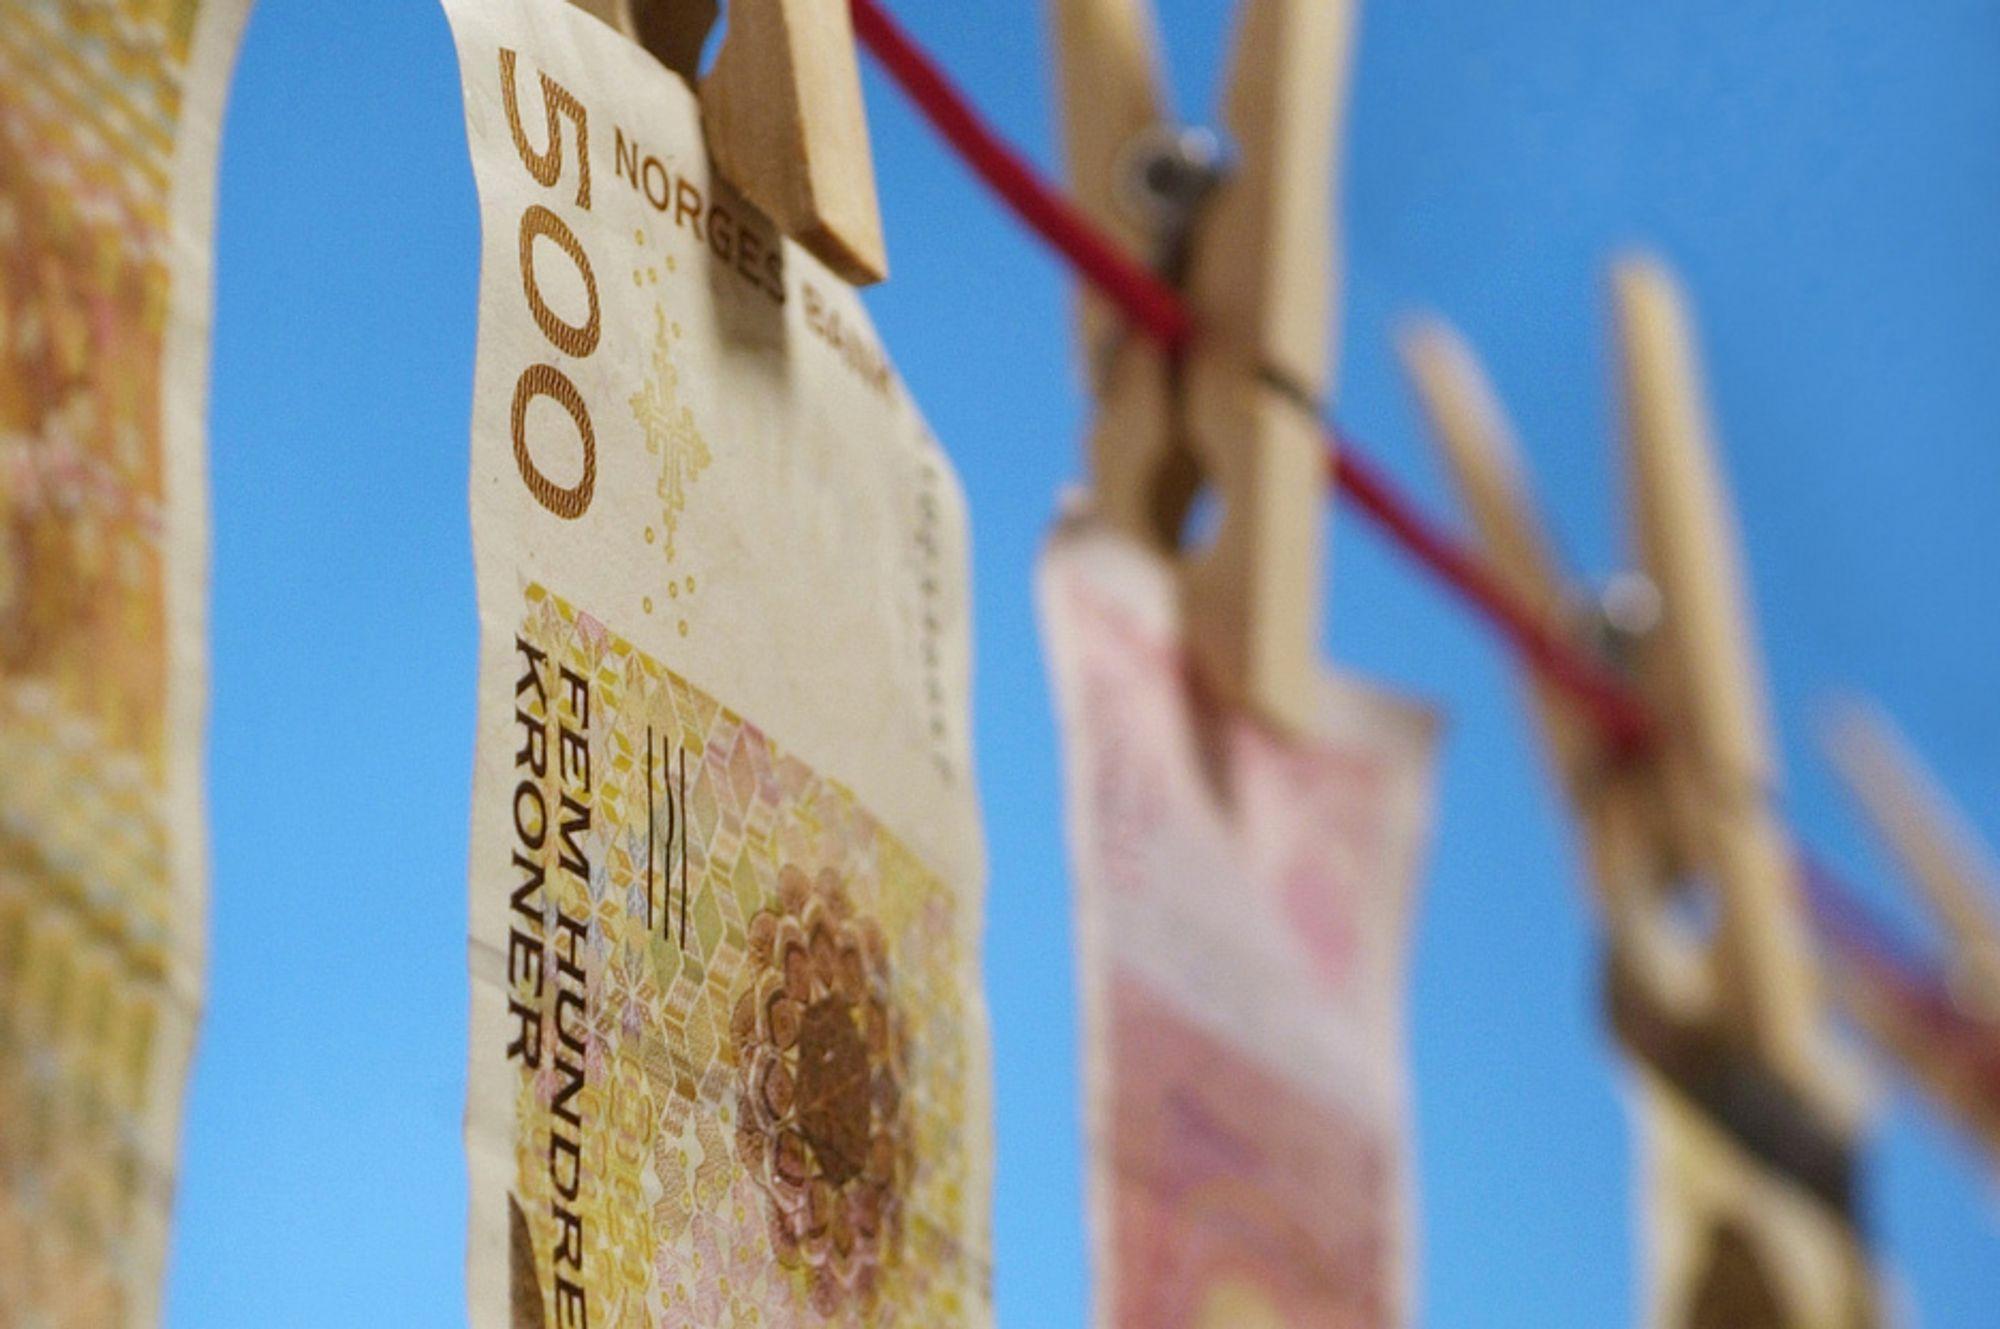 Kroner. Penger. Cash. Økonomi. Lønn. Lønnsnivå. Inntekt. Inntekstnivå. Minstelønn. Lønnsforhandlinger.